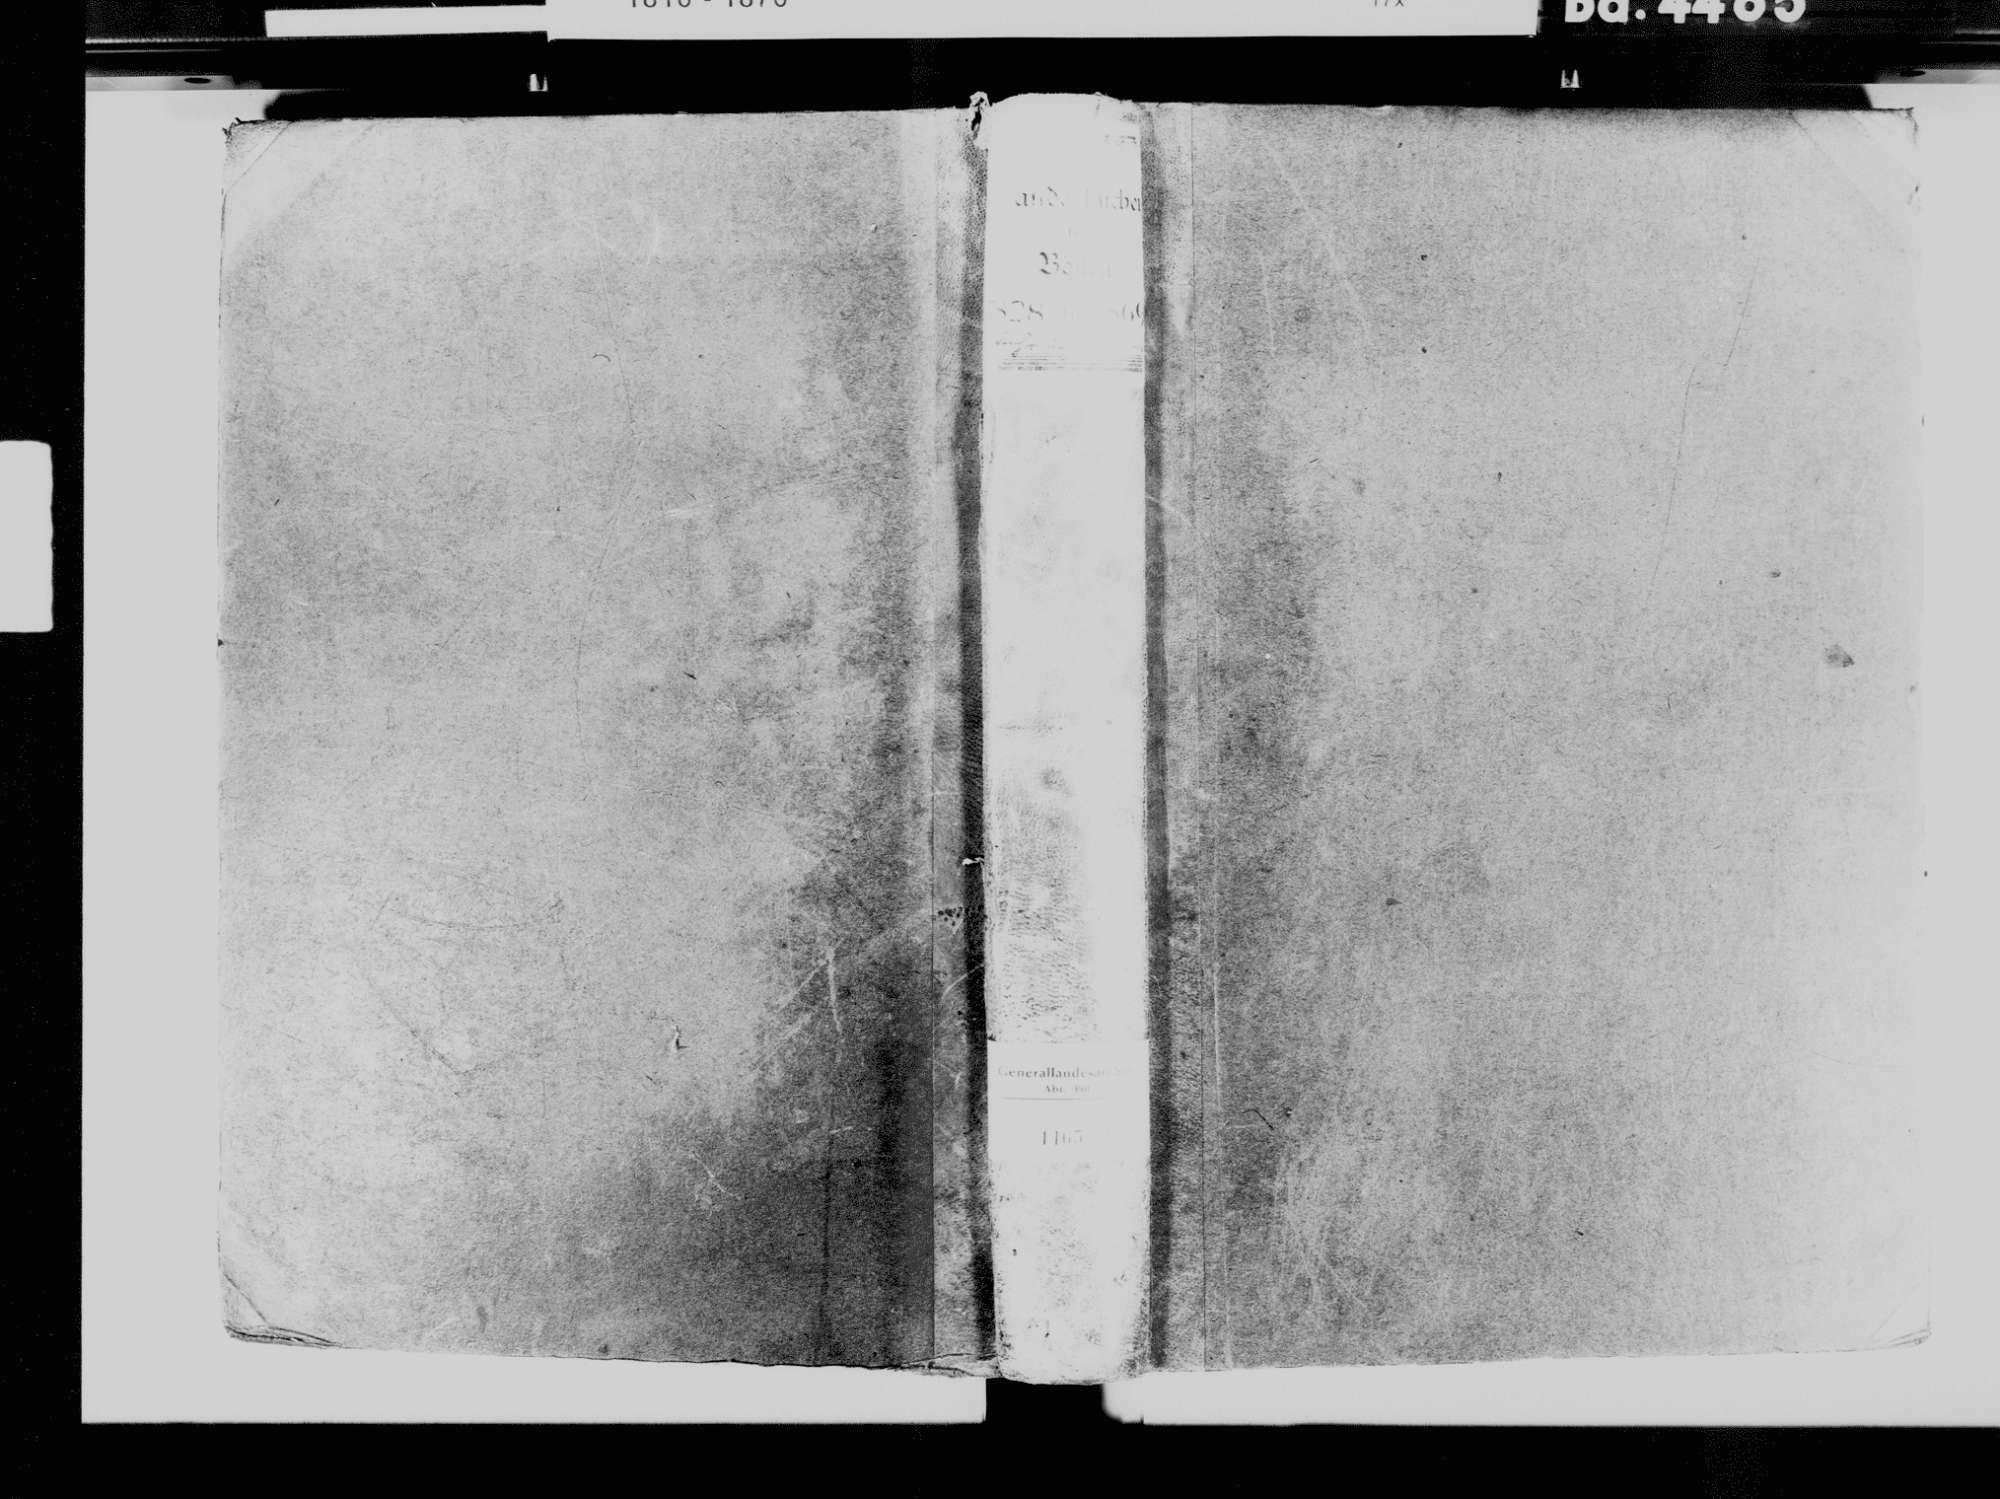 Böllen LÖ; Katholische Gemeinde: Standesbuch 1828-1869 [Heirats- und Sterbebuch siehe Geburten 1828], Bild 2